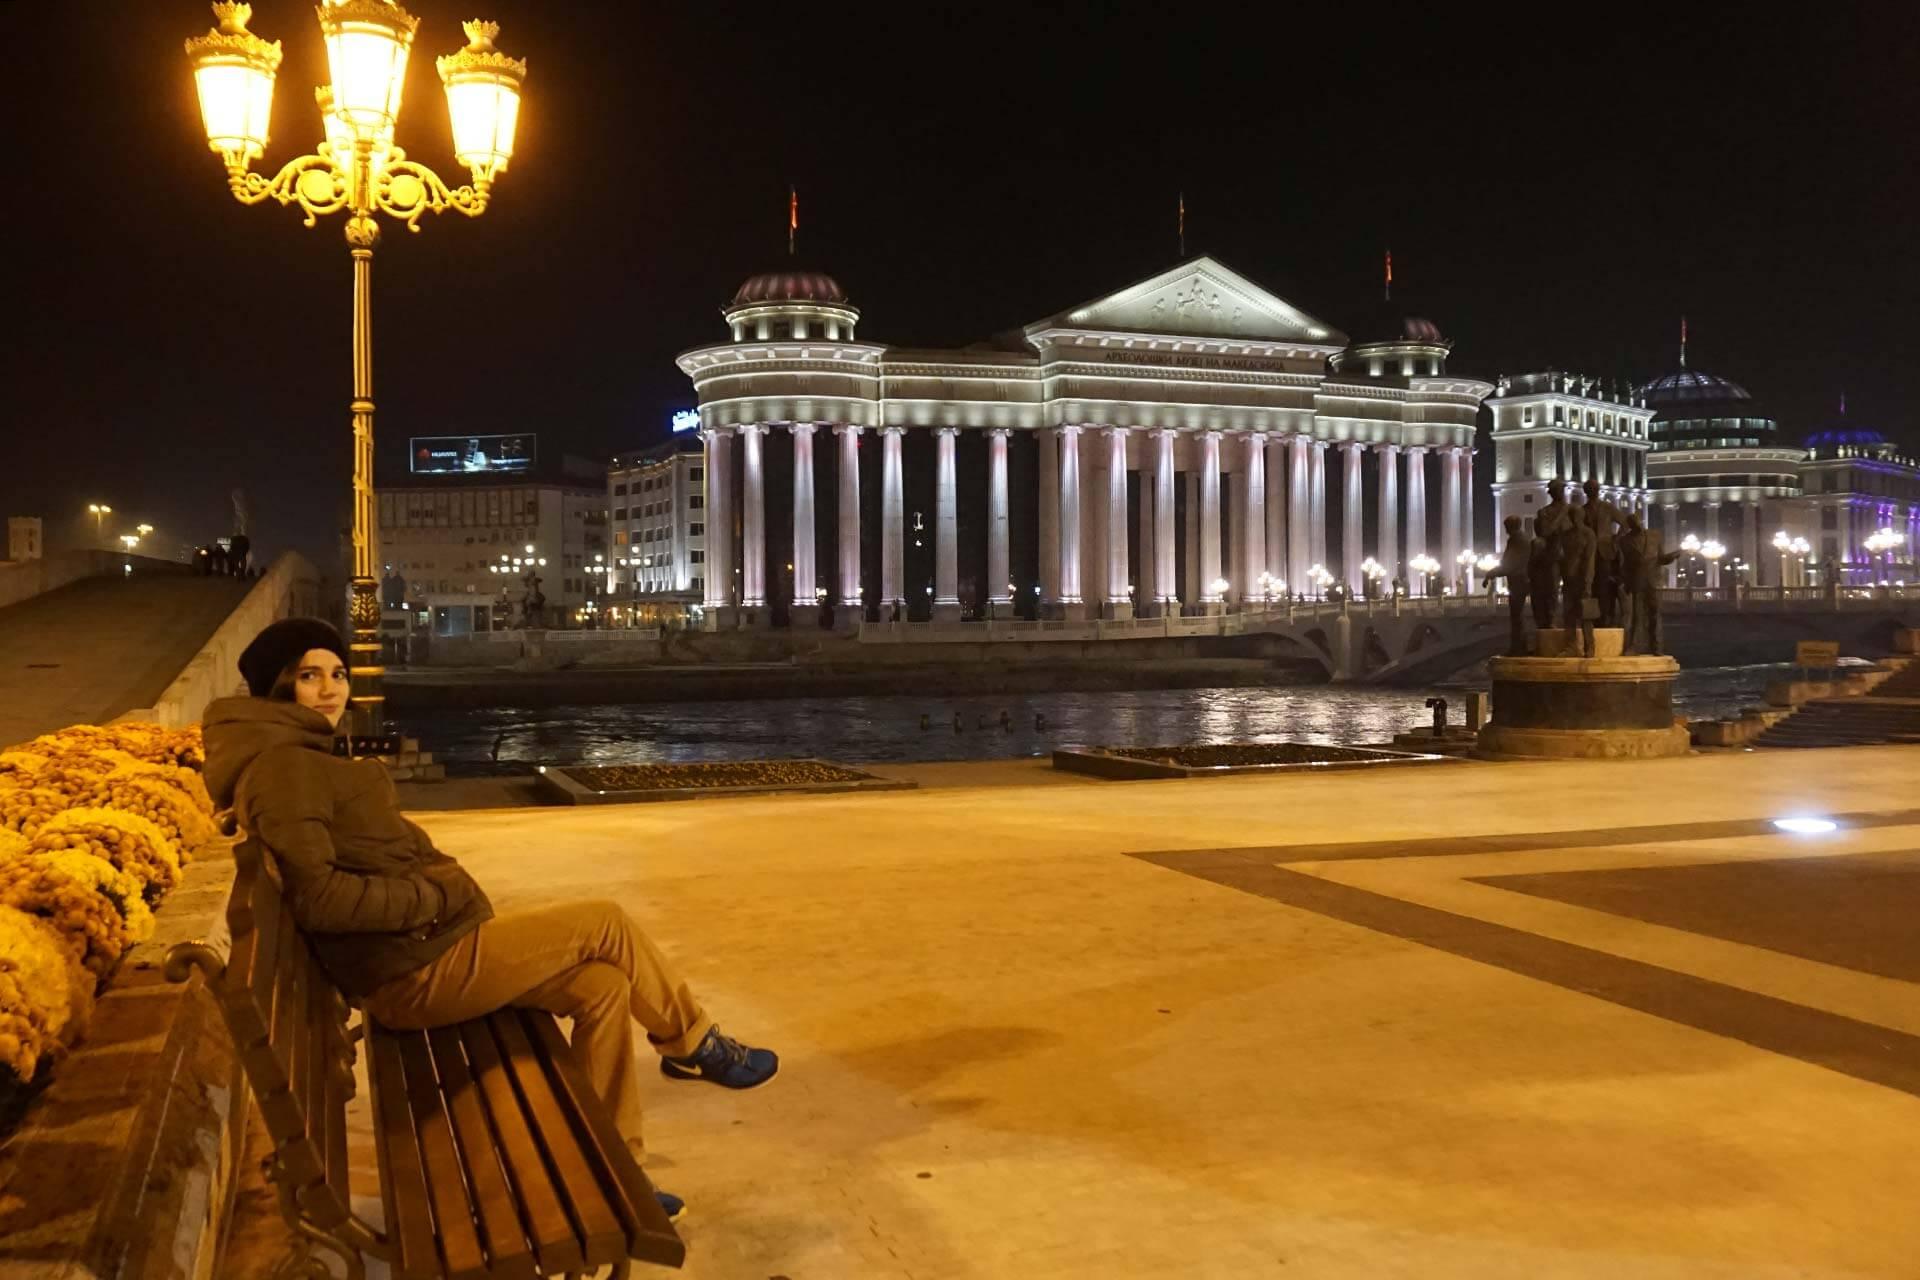 Makedonya Arkeoloji Müzesi Gece Çekim